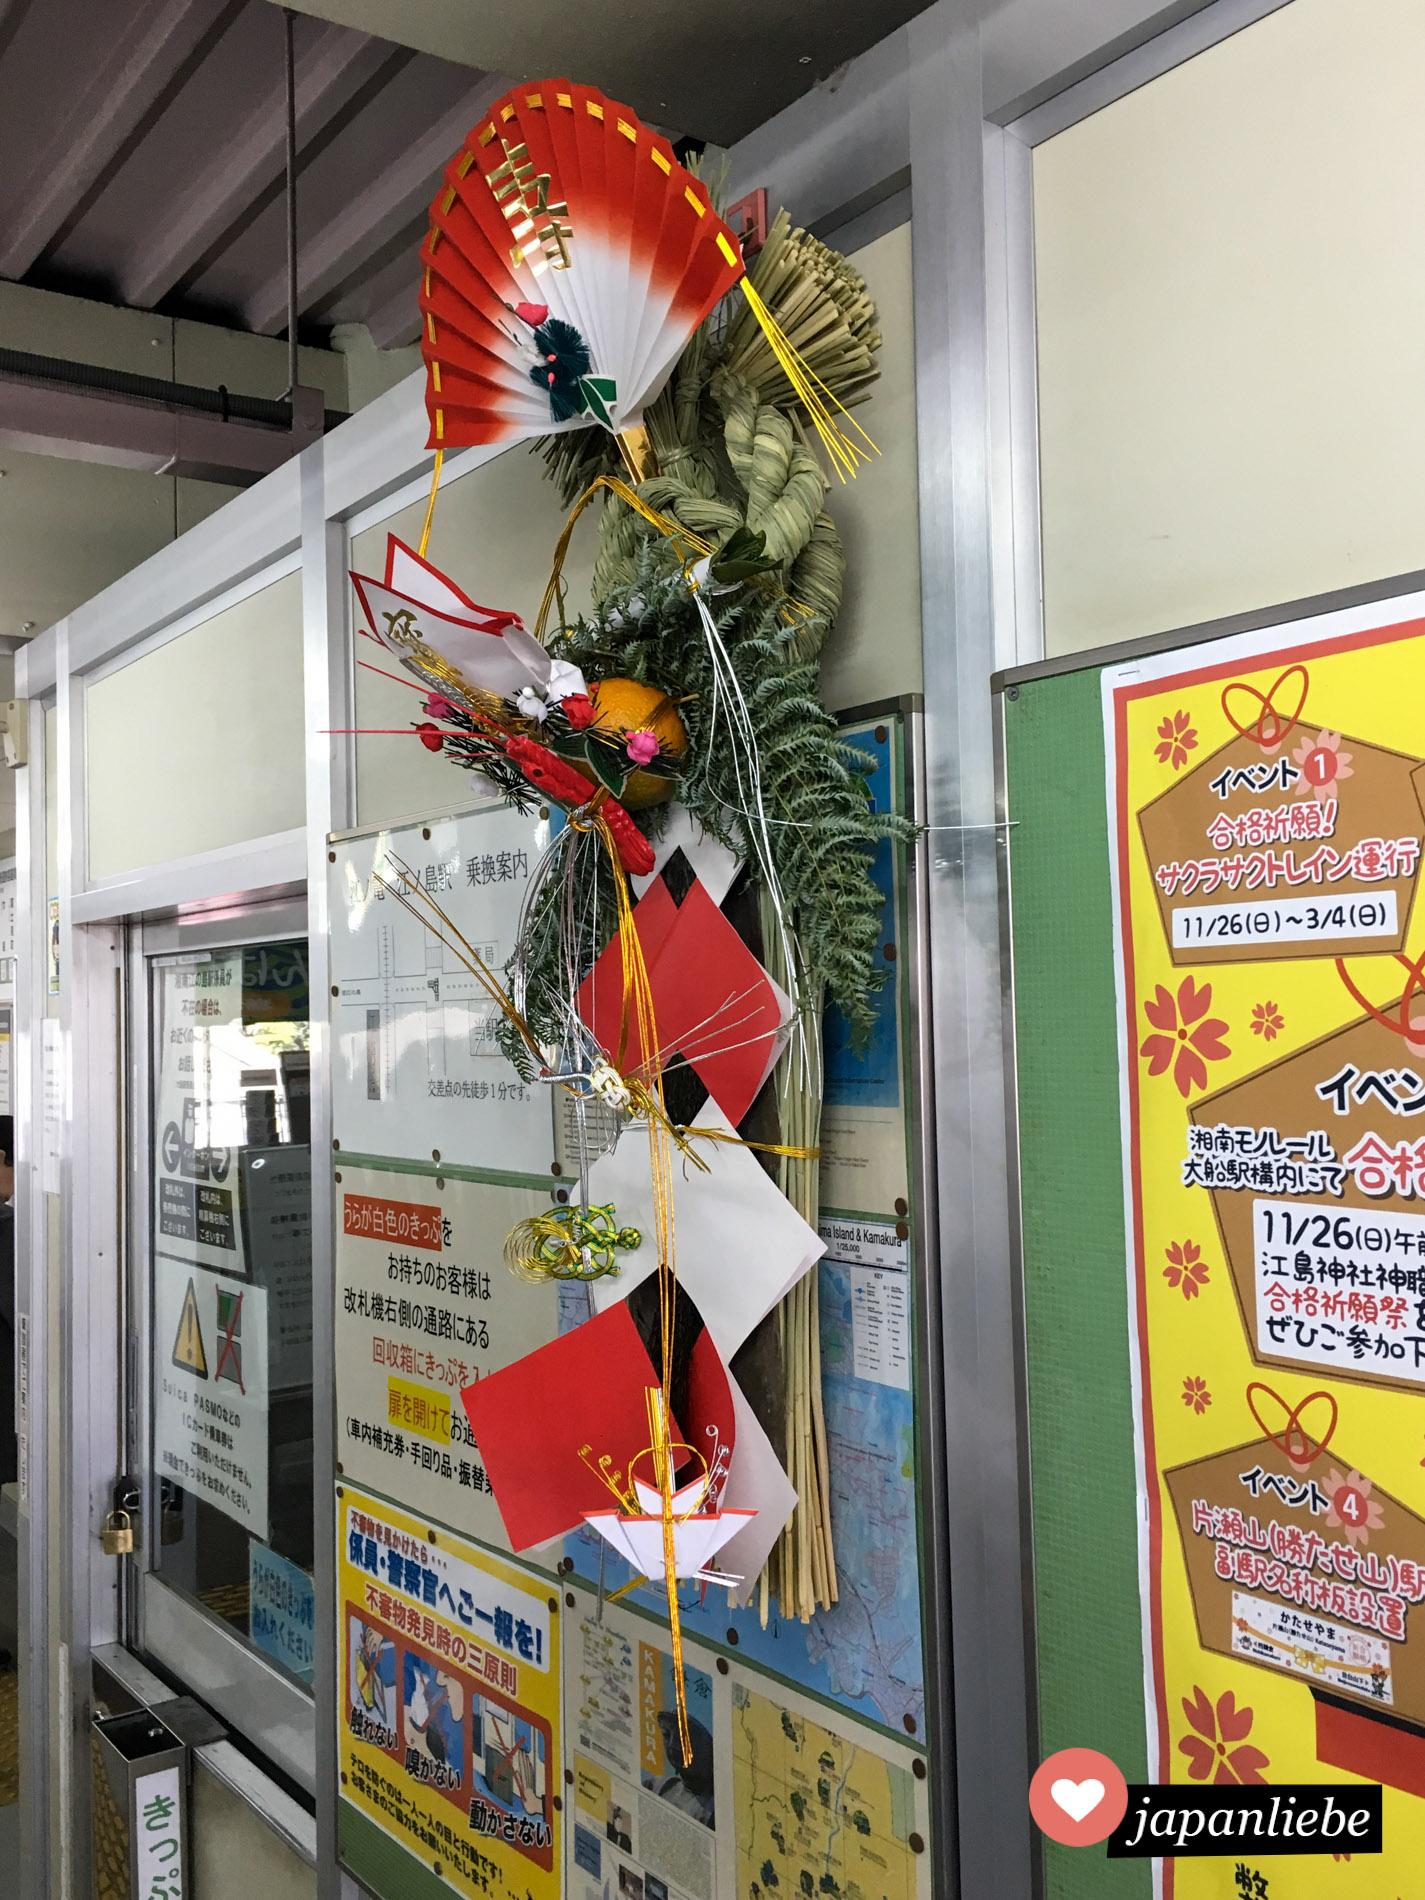 shime kazari Deko findet man an Neujahr an fast allen Türen und Wänden.